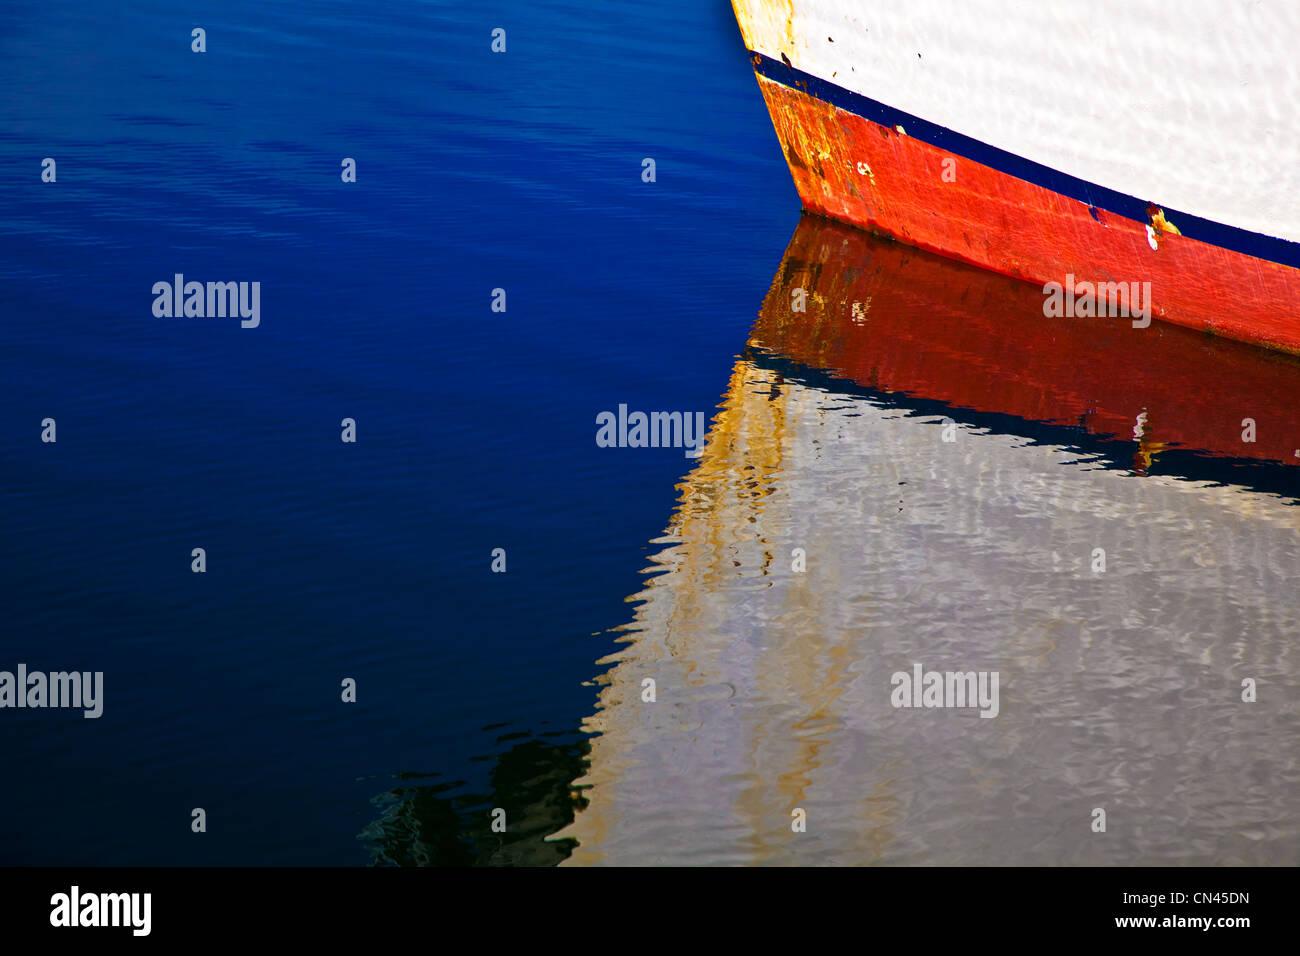 Reflexion der Boot-Schleife im Wasser Stockbild